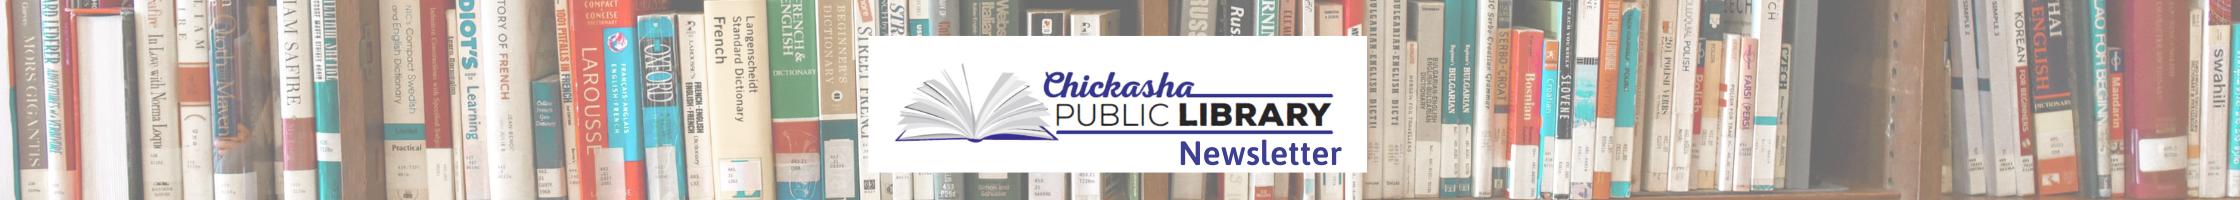 CPL newsletter